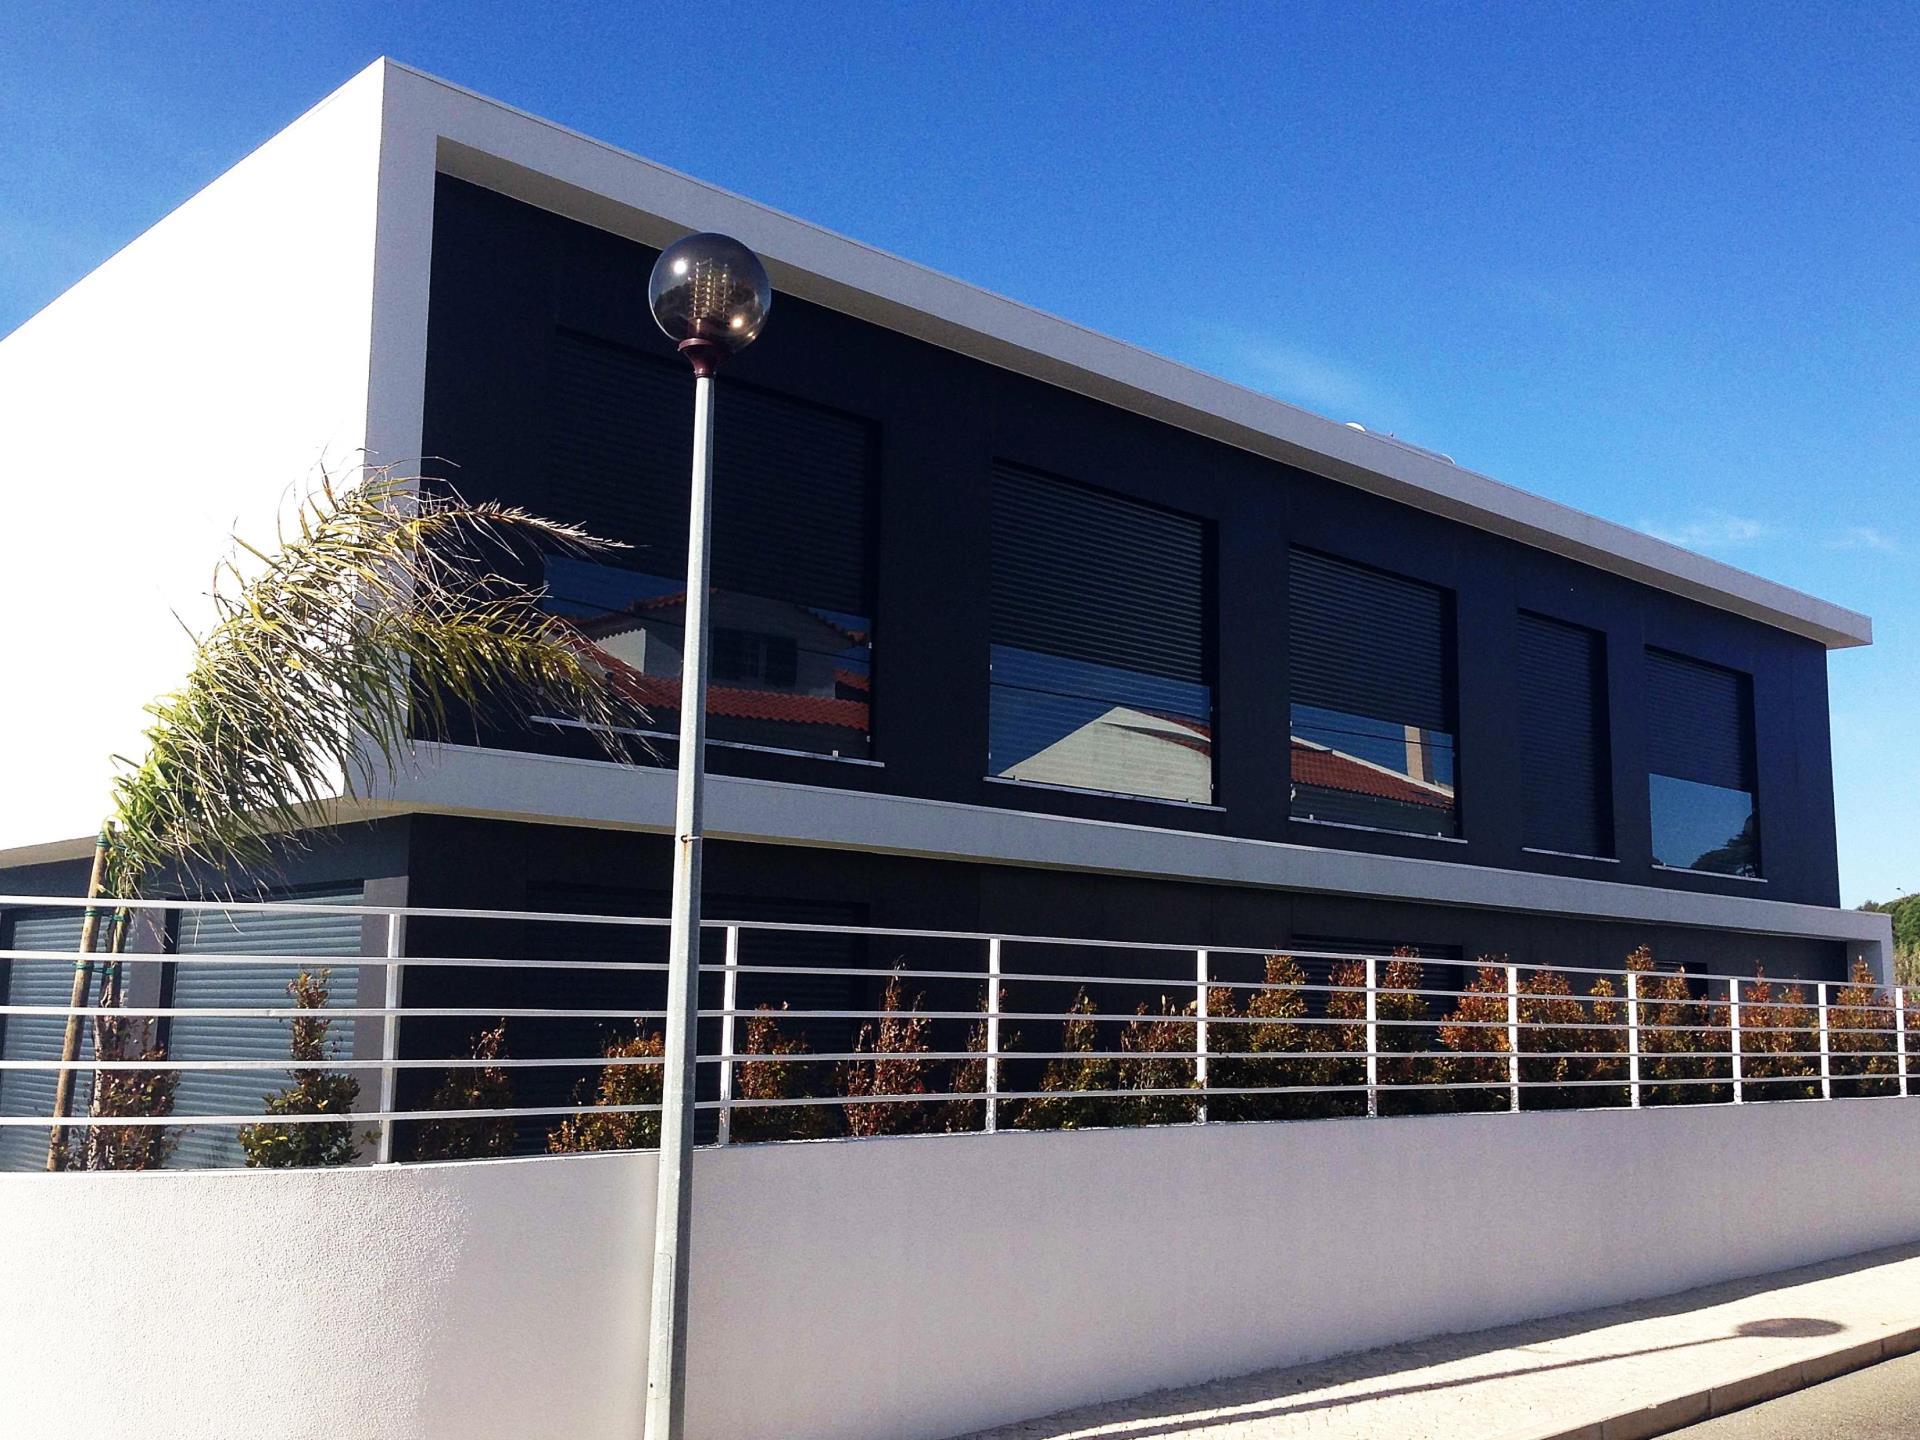 단독 가정 주택 용 매매 에 Detached house, 4 bedrooms, for Sale Cascais, 리스보아 포르투갈